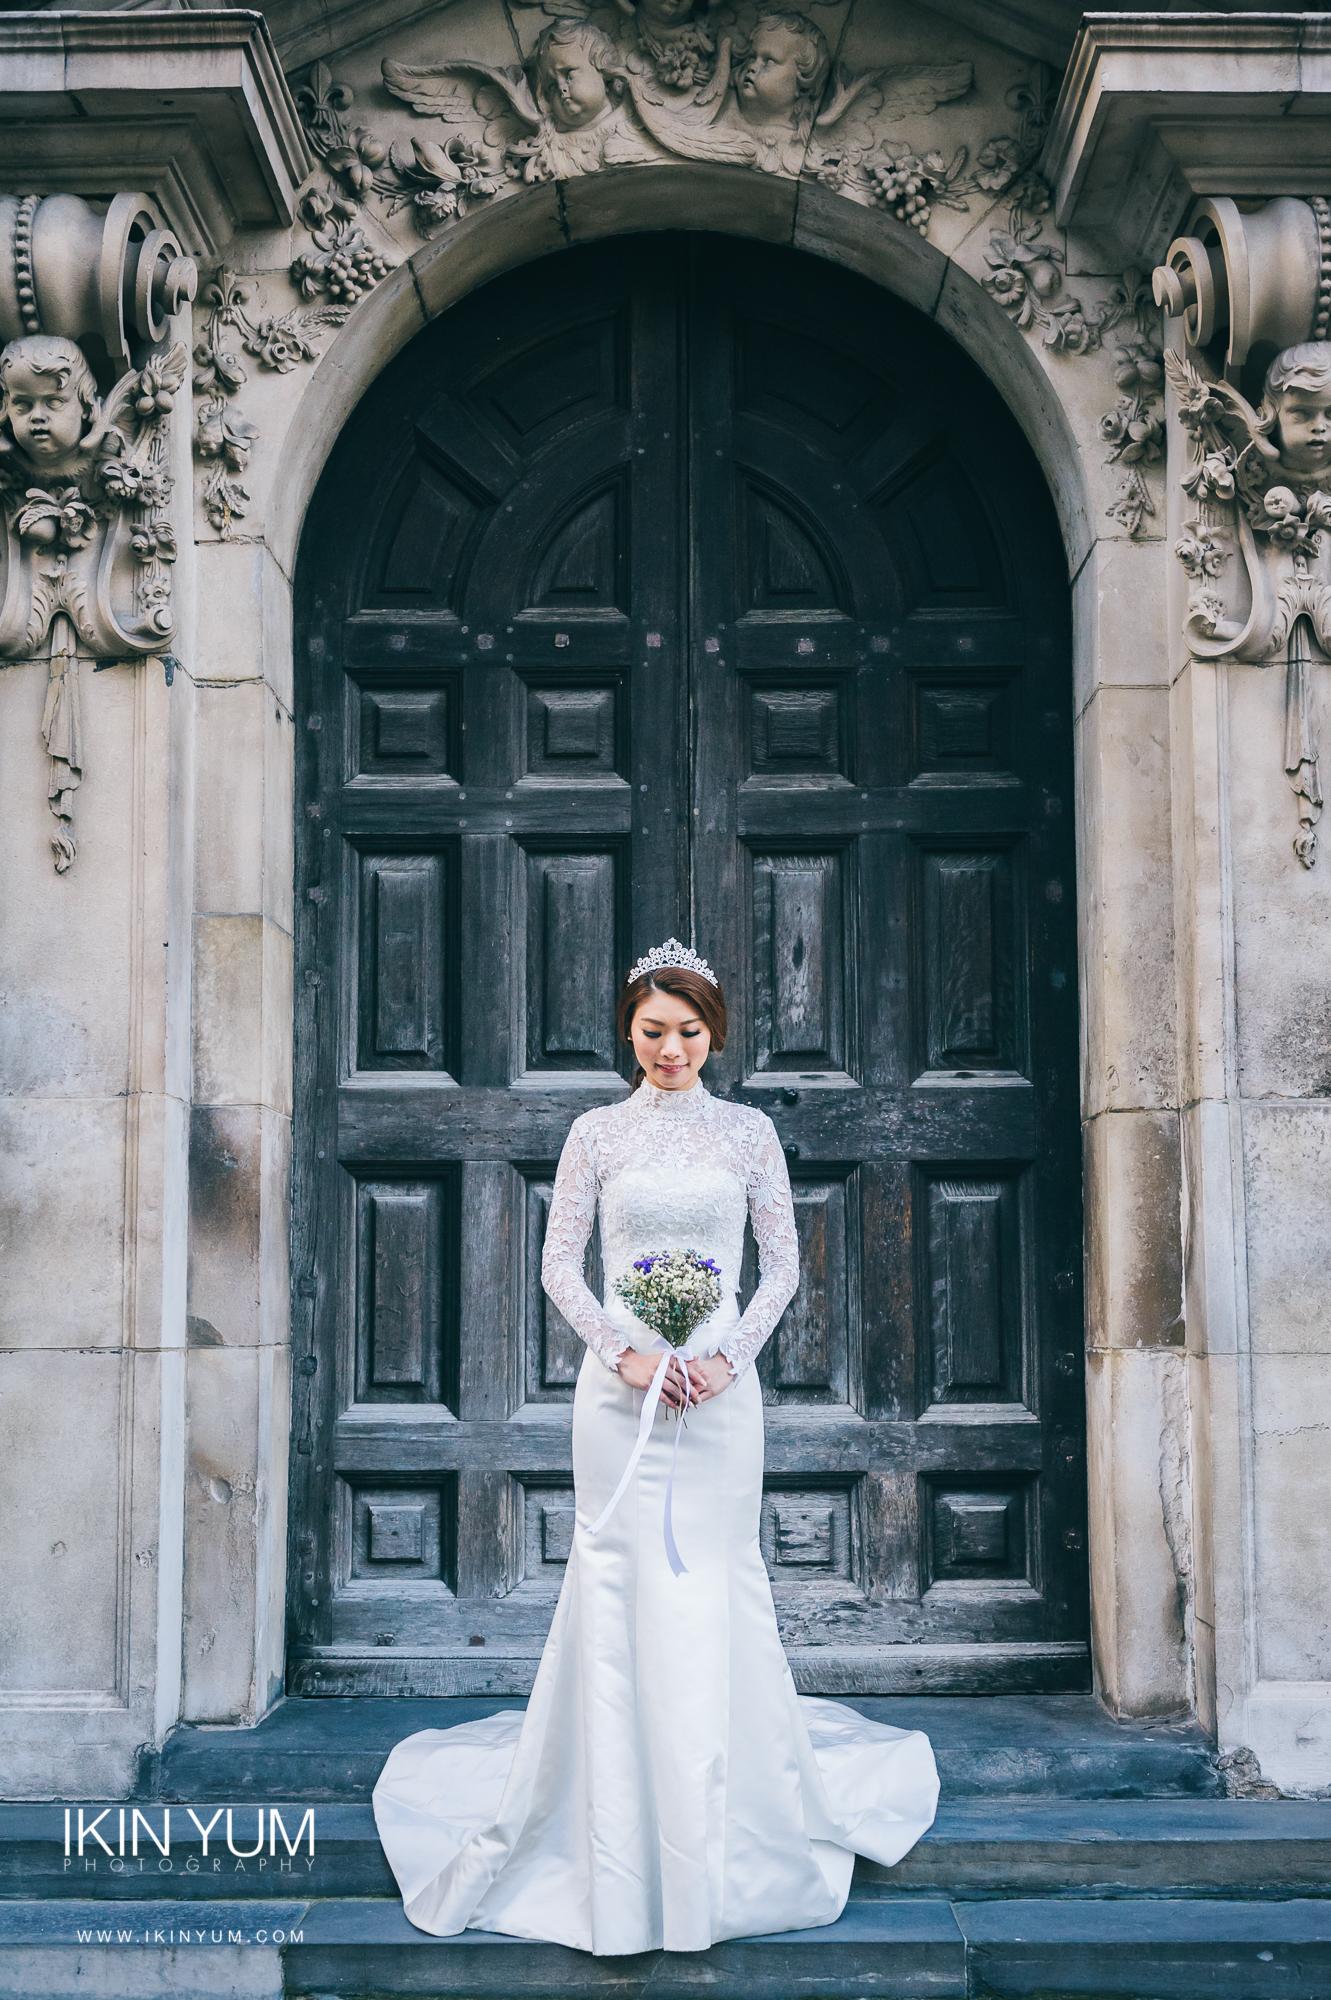 Pre-Wedding Shoot London Zann + Danny - Ikin Yum Photography-031.jpg